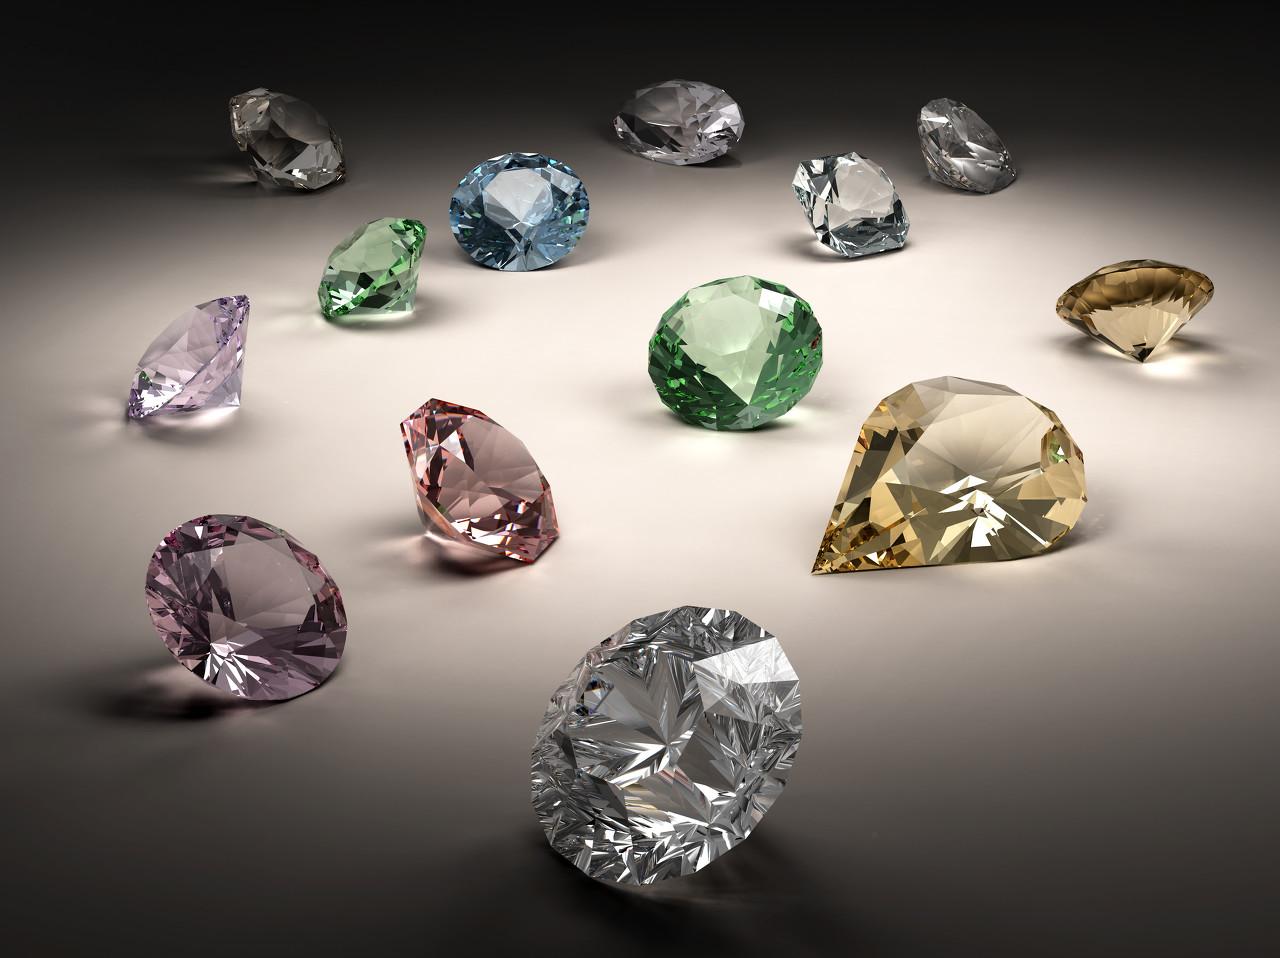 什么是常林钻石 常林钻石现在价值多少钱?